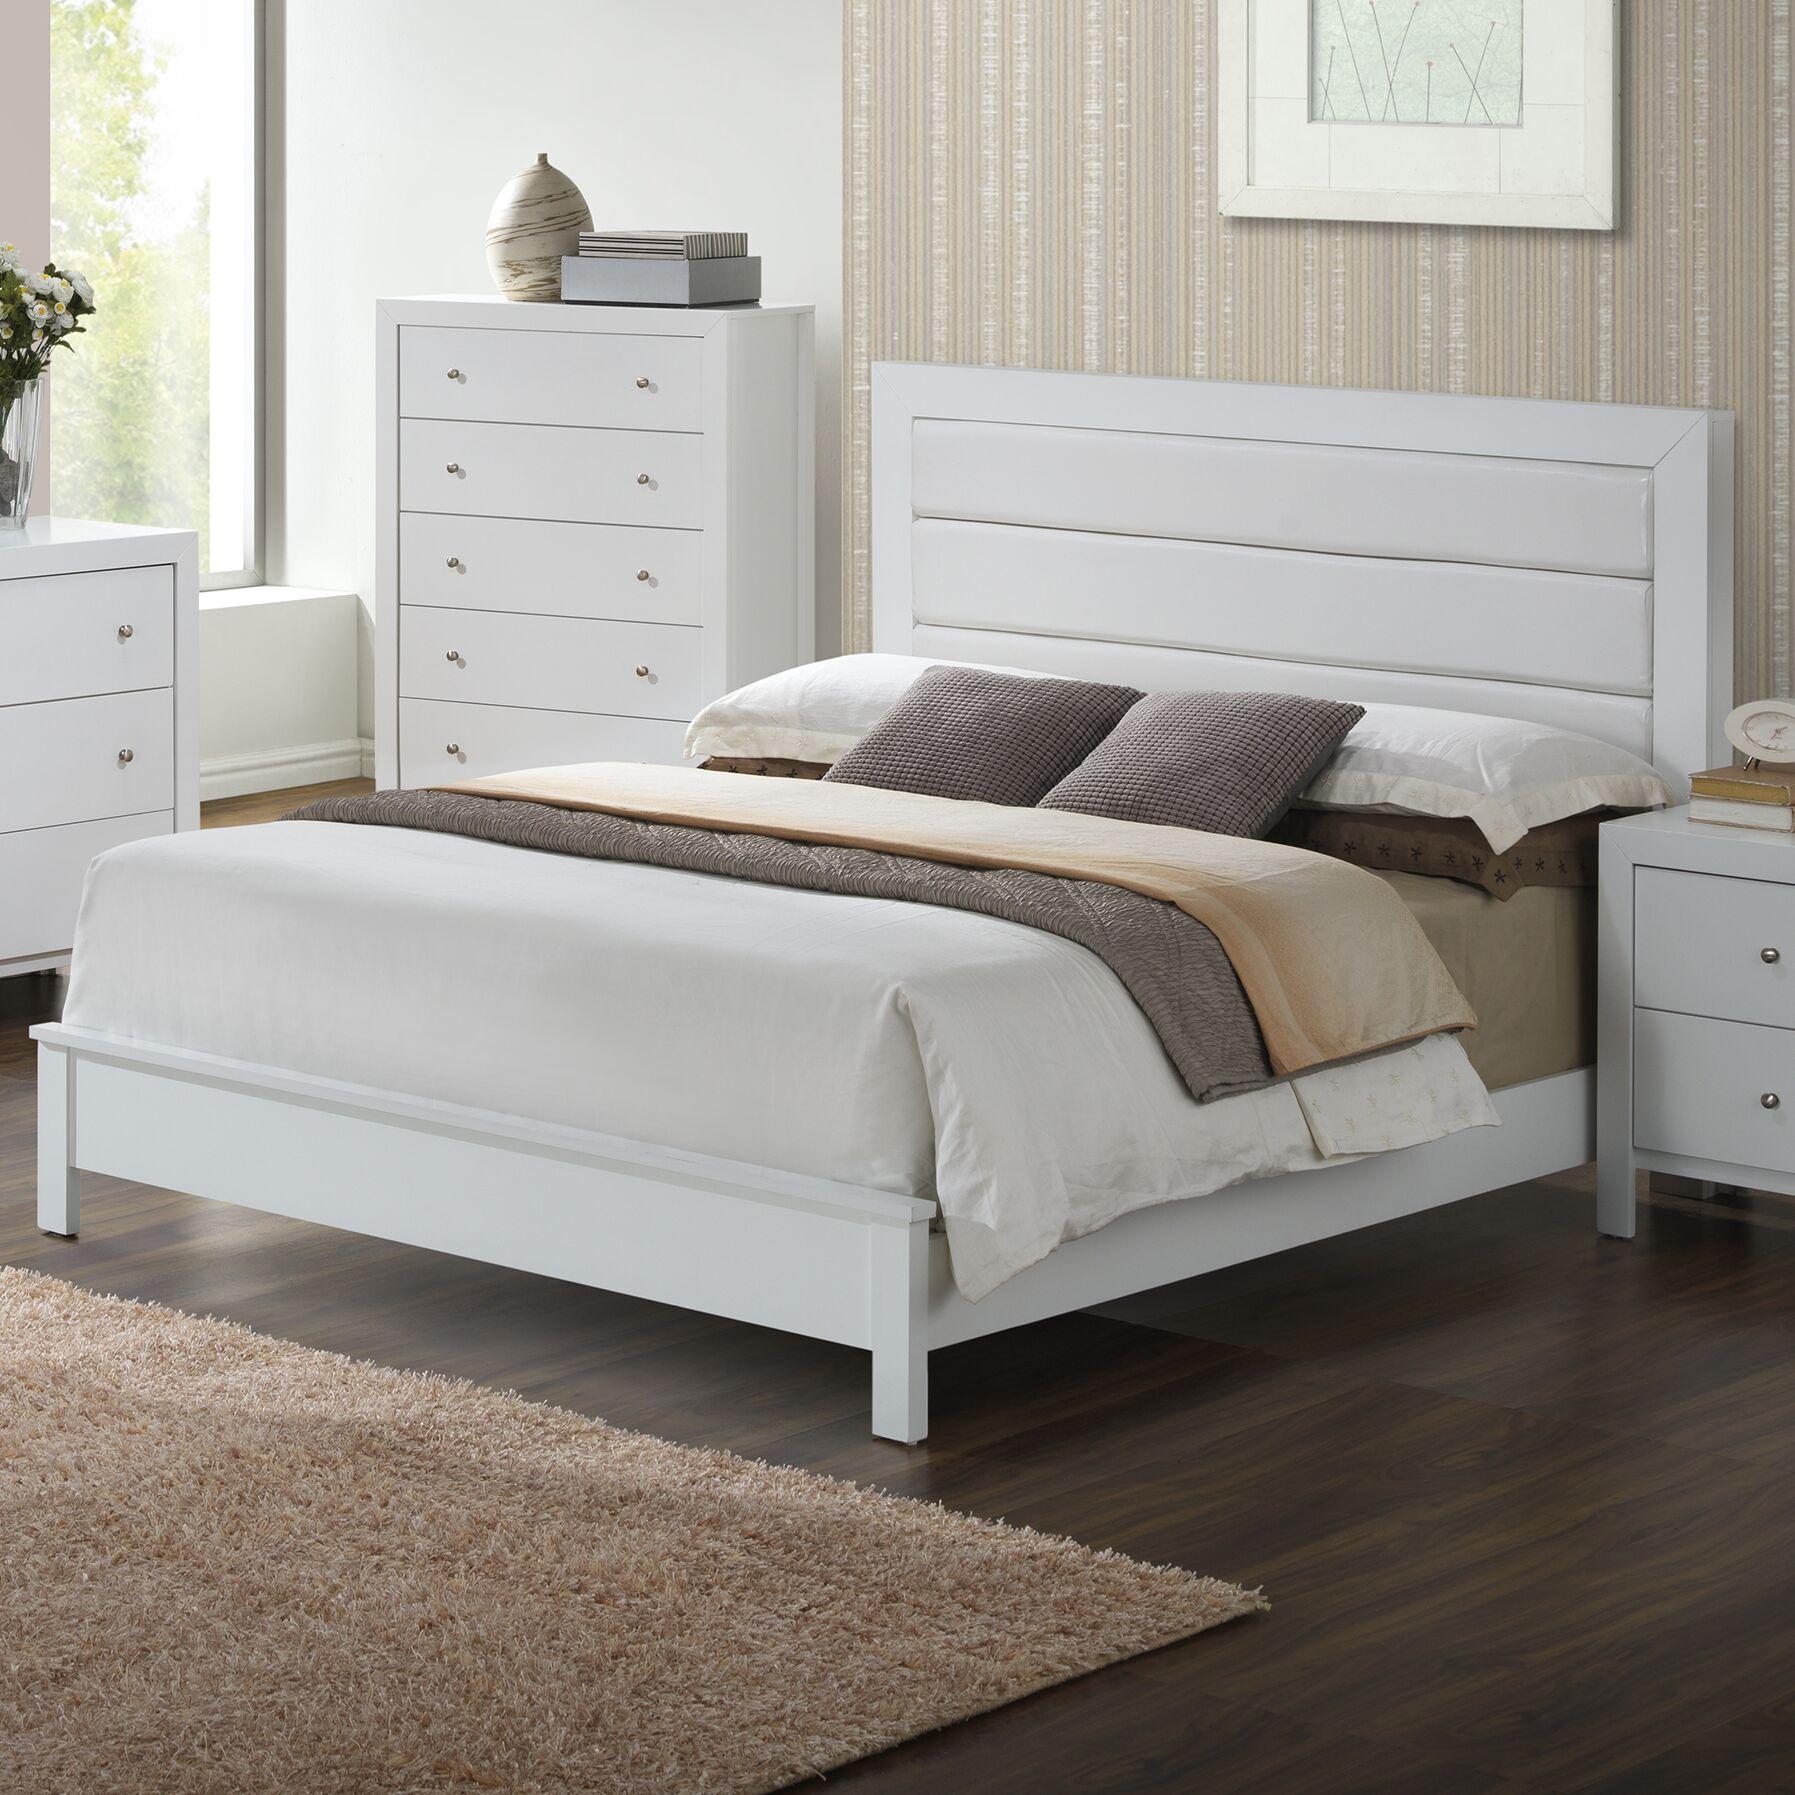 Brennen Upholstered Panel Bed Size: Full, Color: White